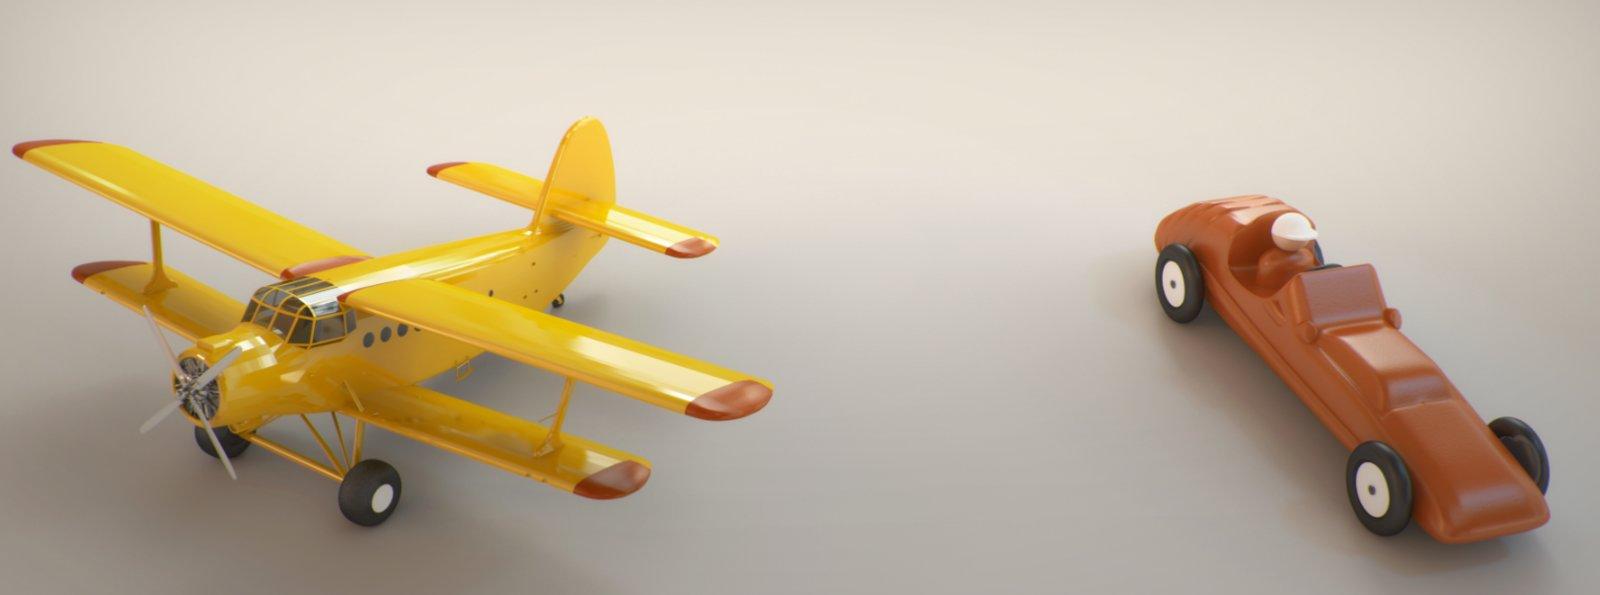 Toy studio render